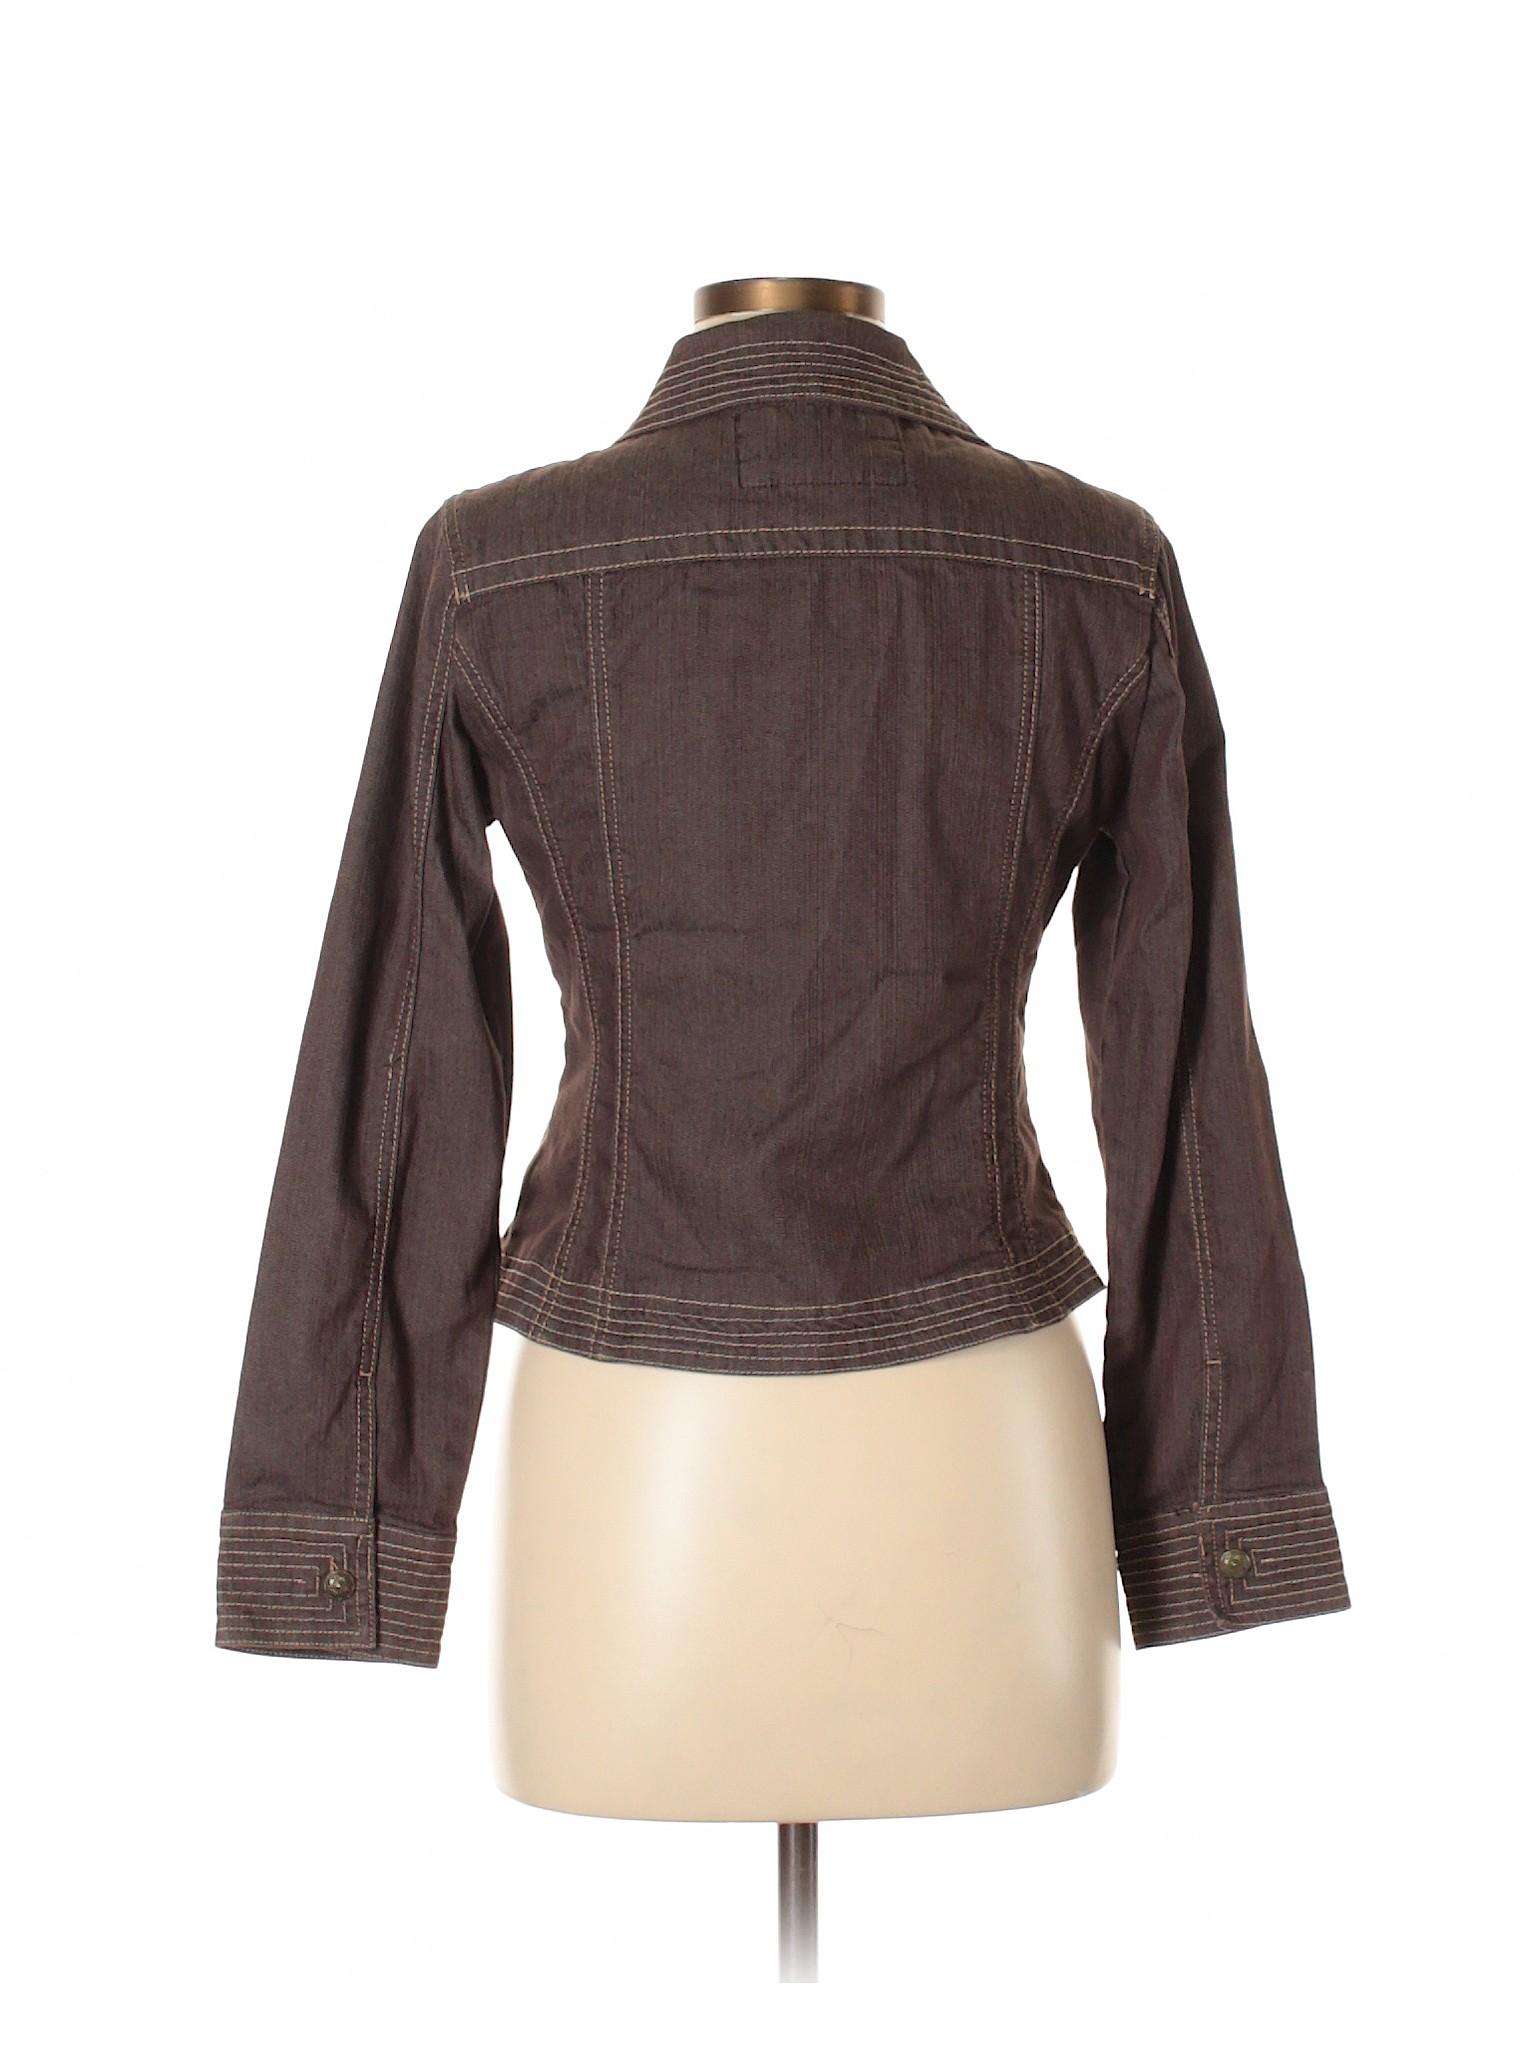 Jacket Live A leisure LAL Denim Little Boutique pY7Bn